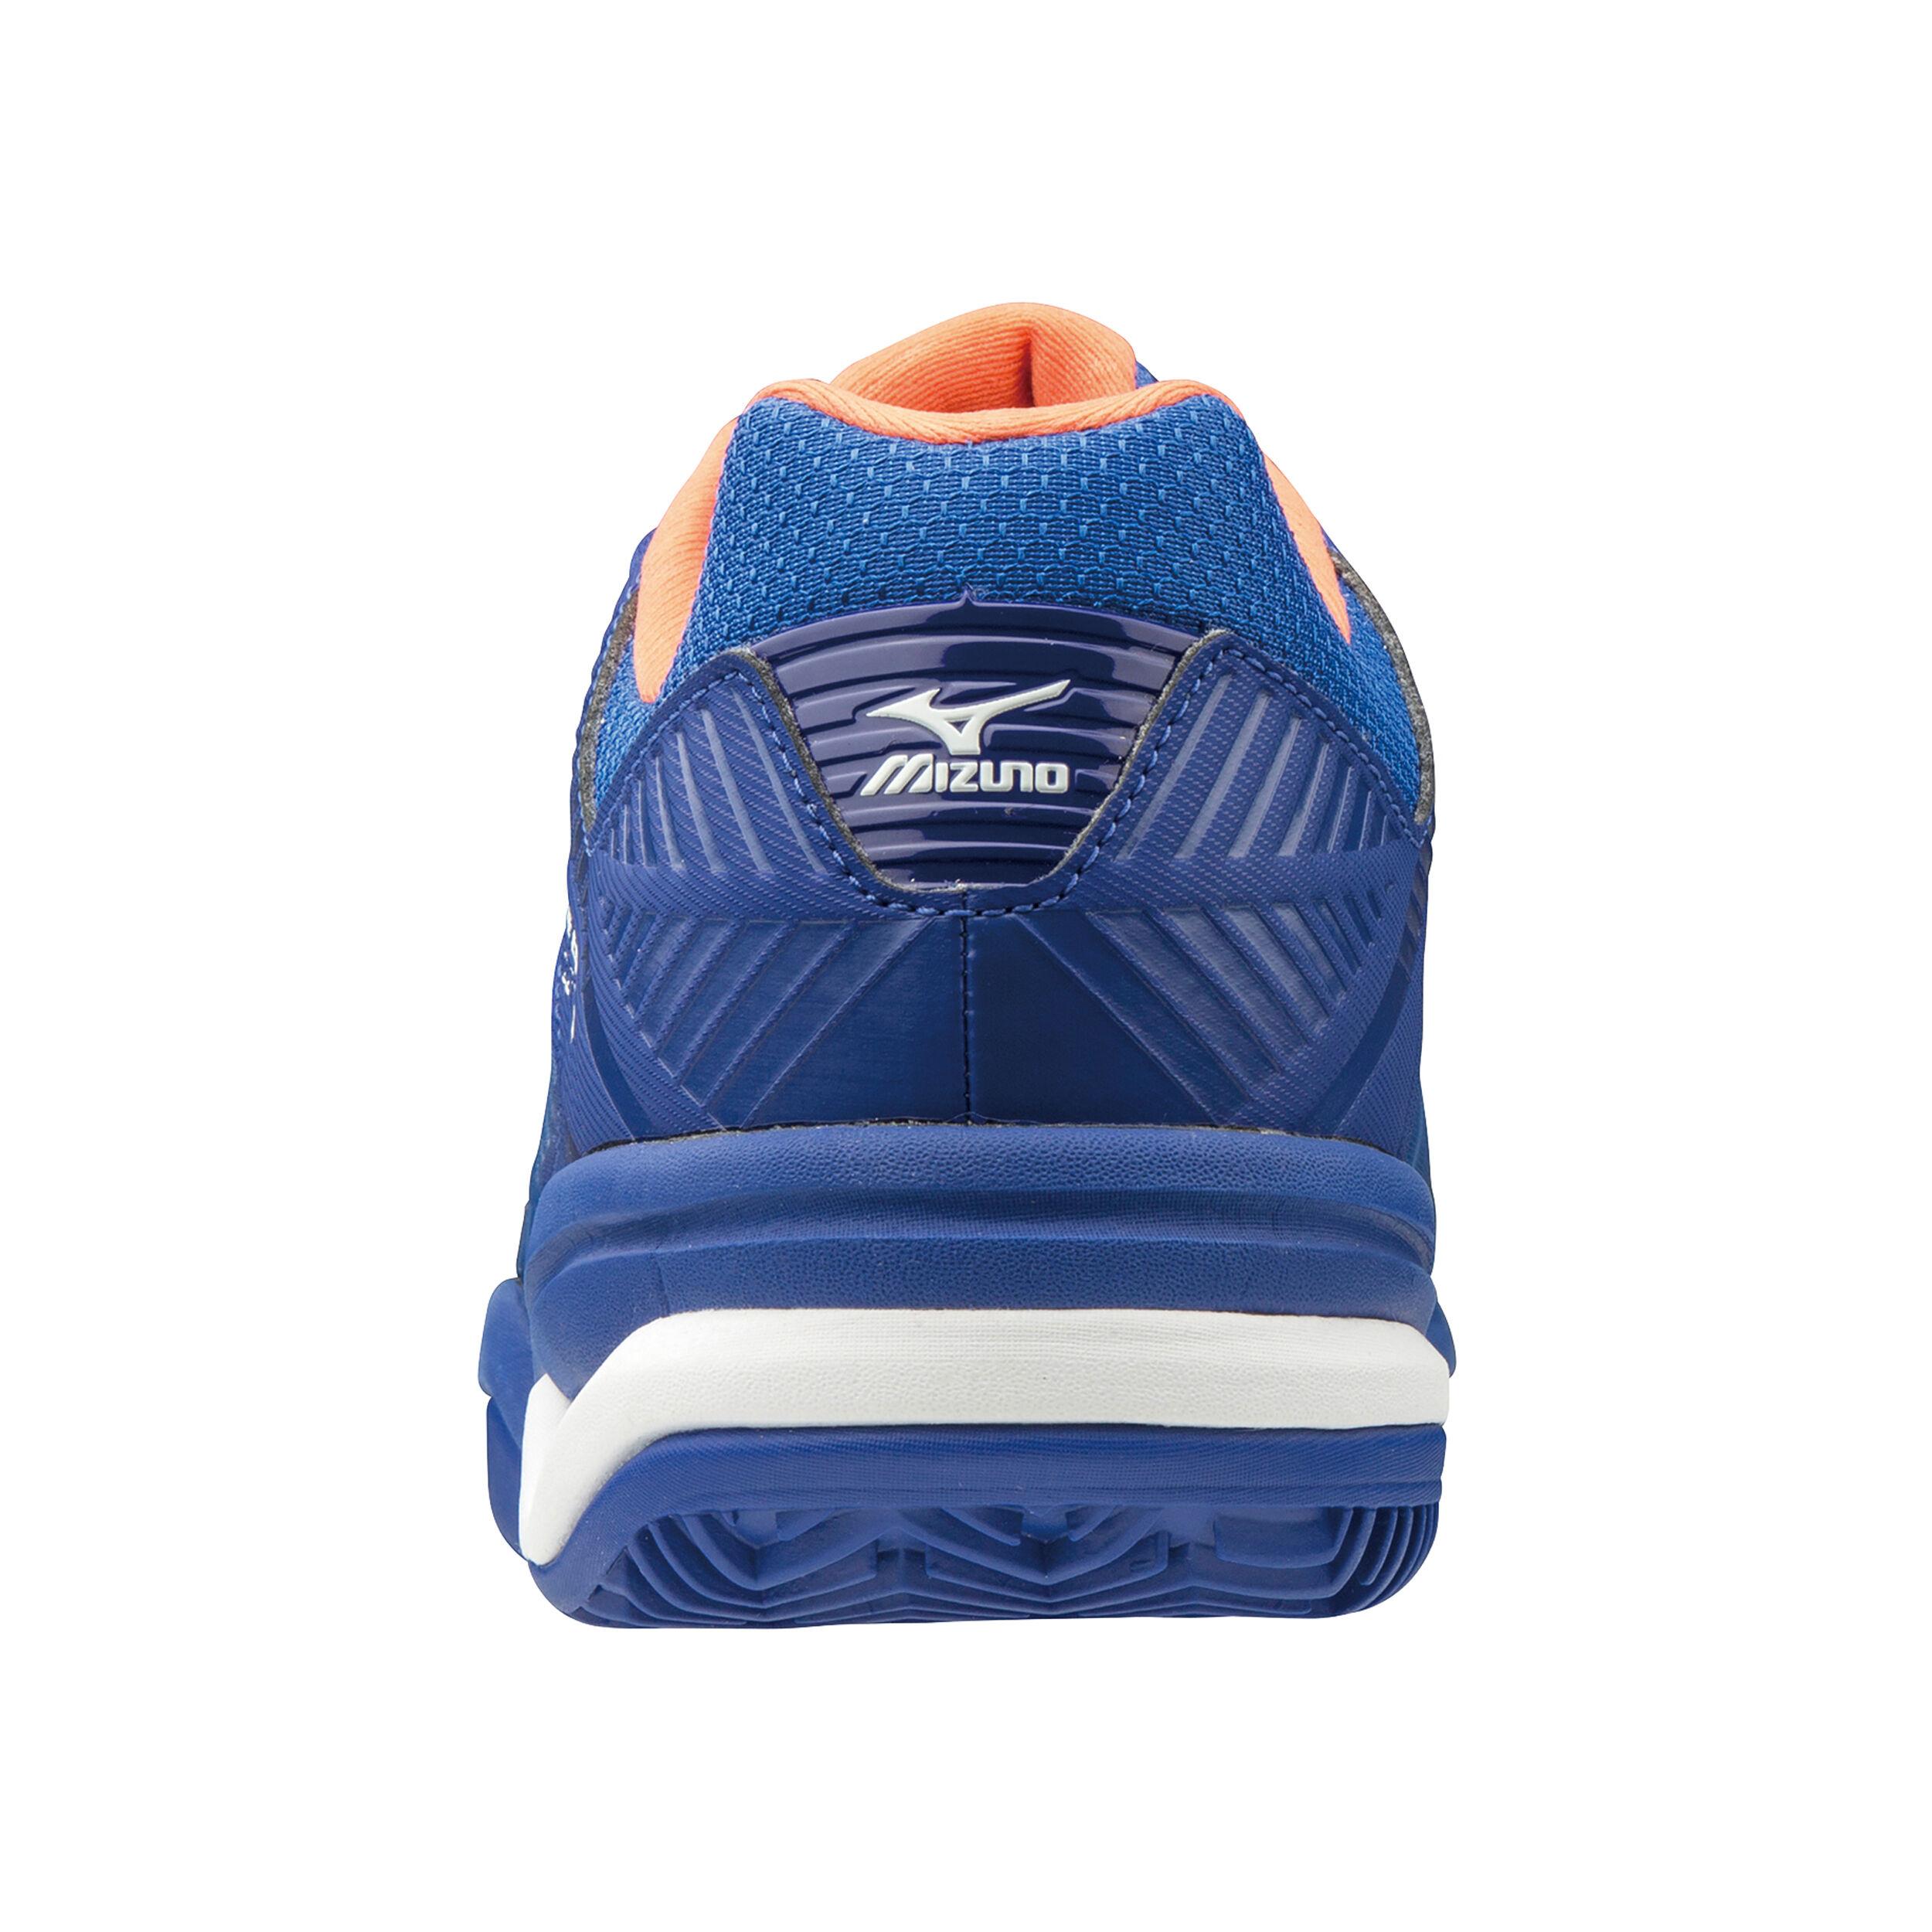 Azul Mizuno Wave Exceed Tour 3 CC 47 EU Zapatillas de Tenis para Hombre Reflex Blue//White//Nasturtium 27